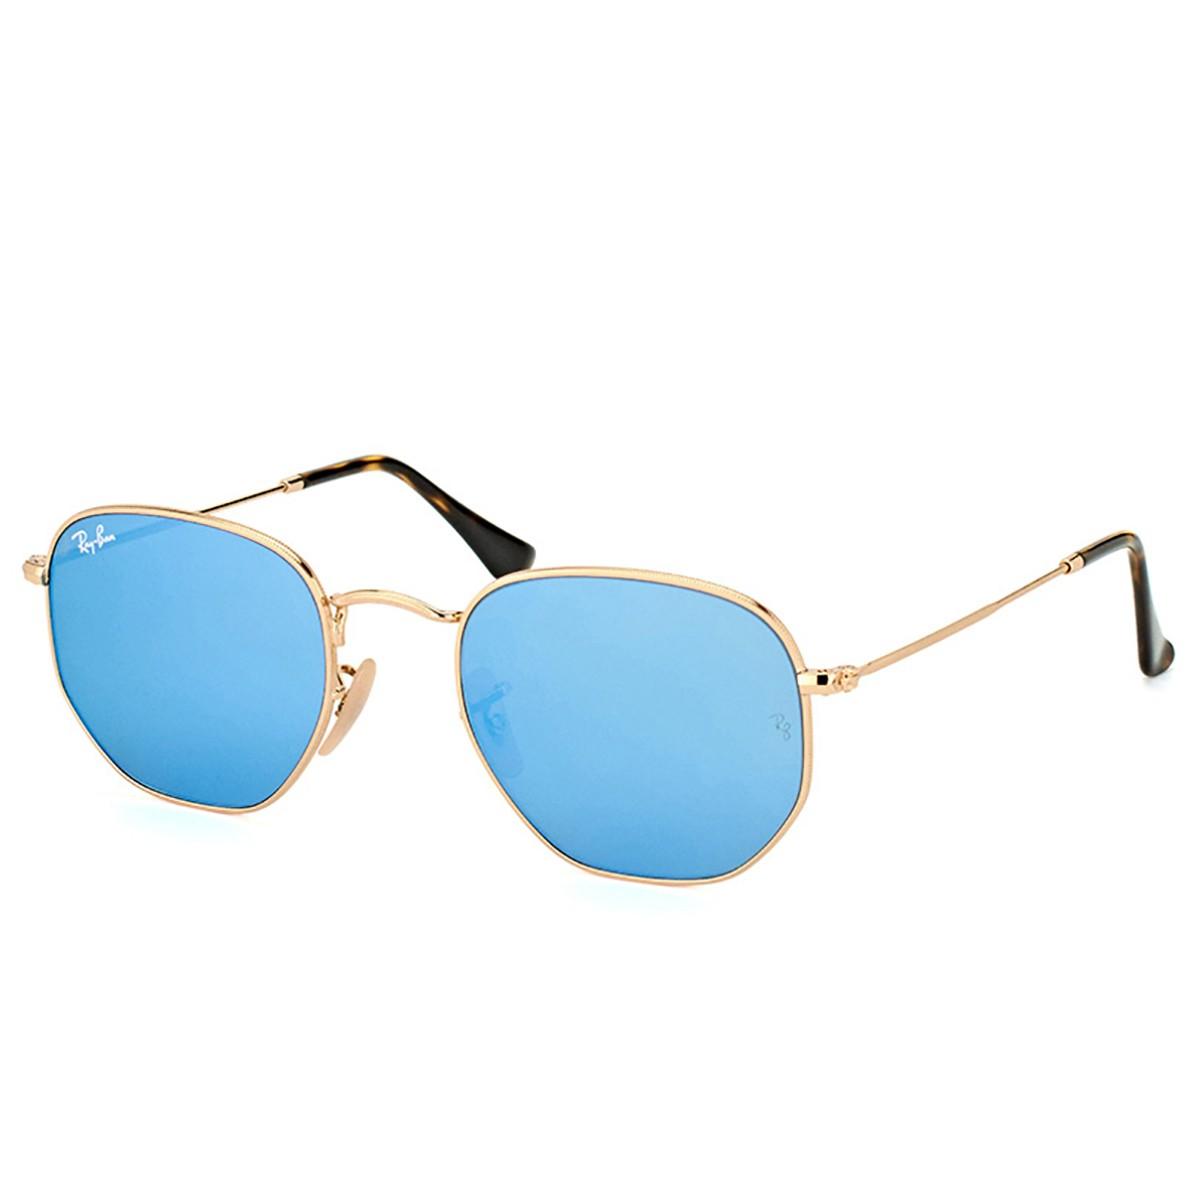 Compre Óculos de Sol Ray Ban Hexagonal em 10X   Tri-Jóia Shop d47bf94a58